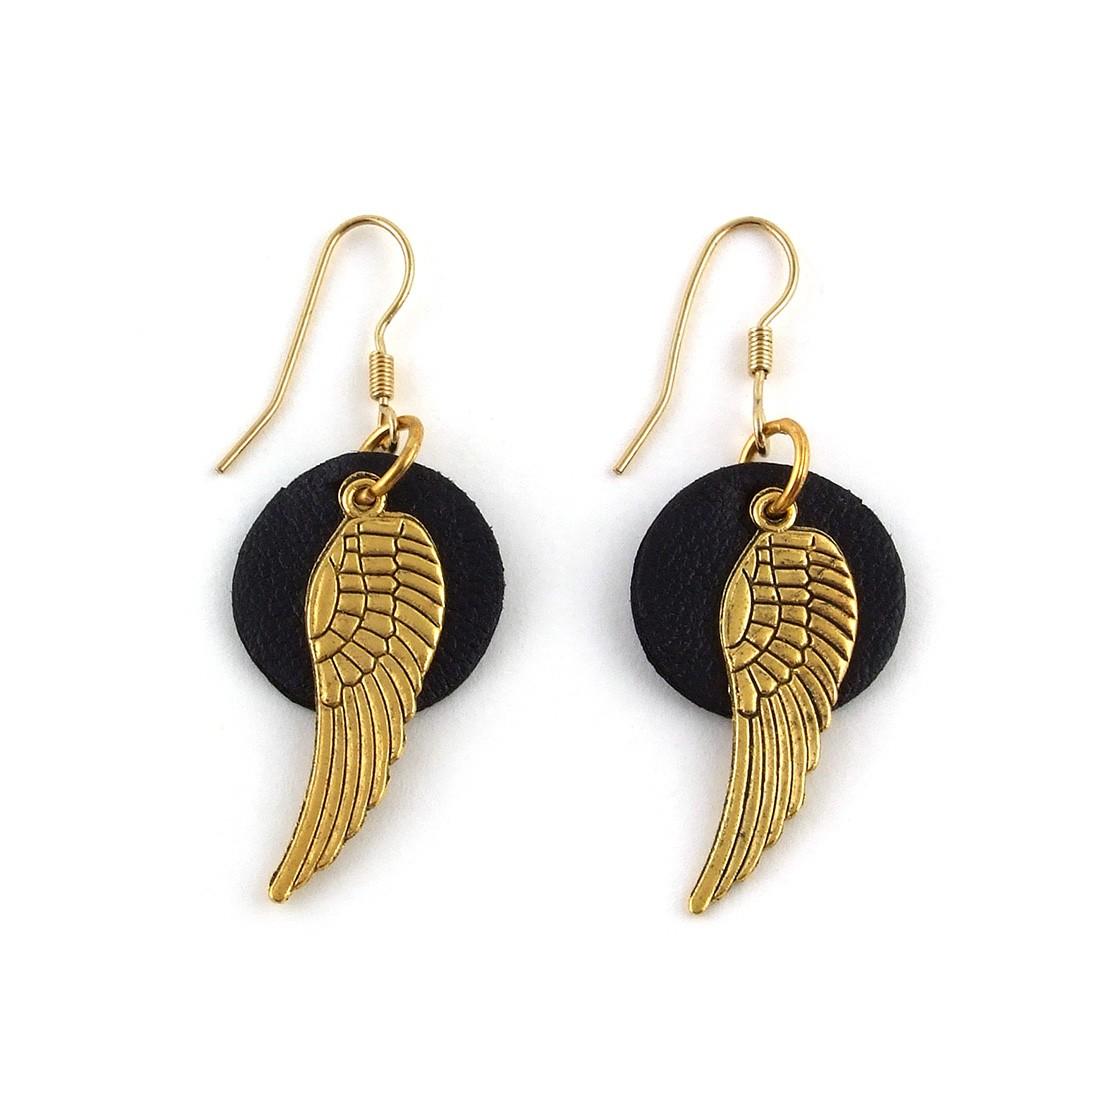 boucles d 39 oreilles cuir noir et ailes dor es clara ds boucles d 39 oreilles les cr ateurs de. Black Bedroom Furniture Sets. Home Design Ideas